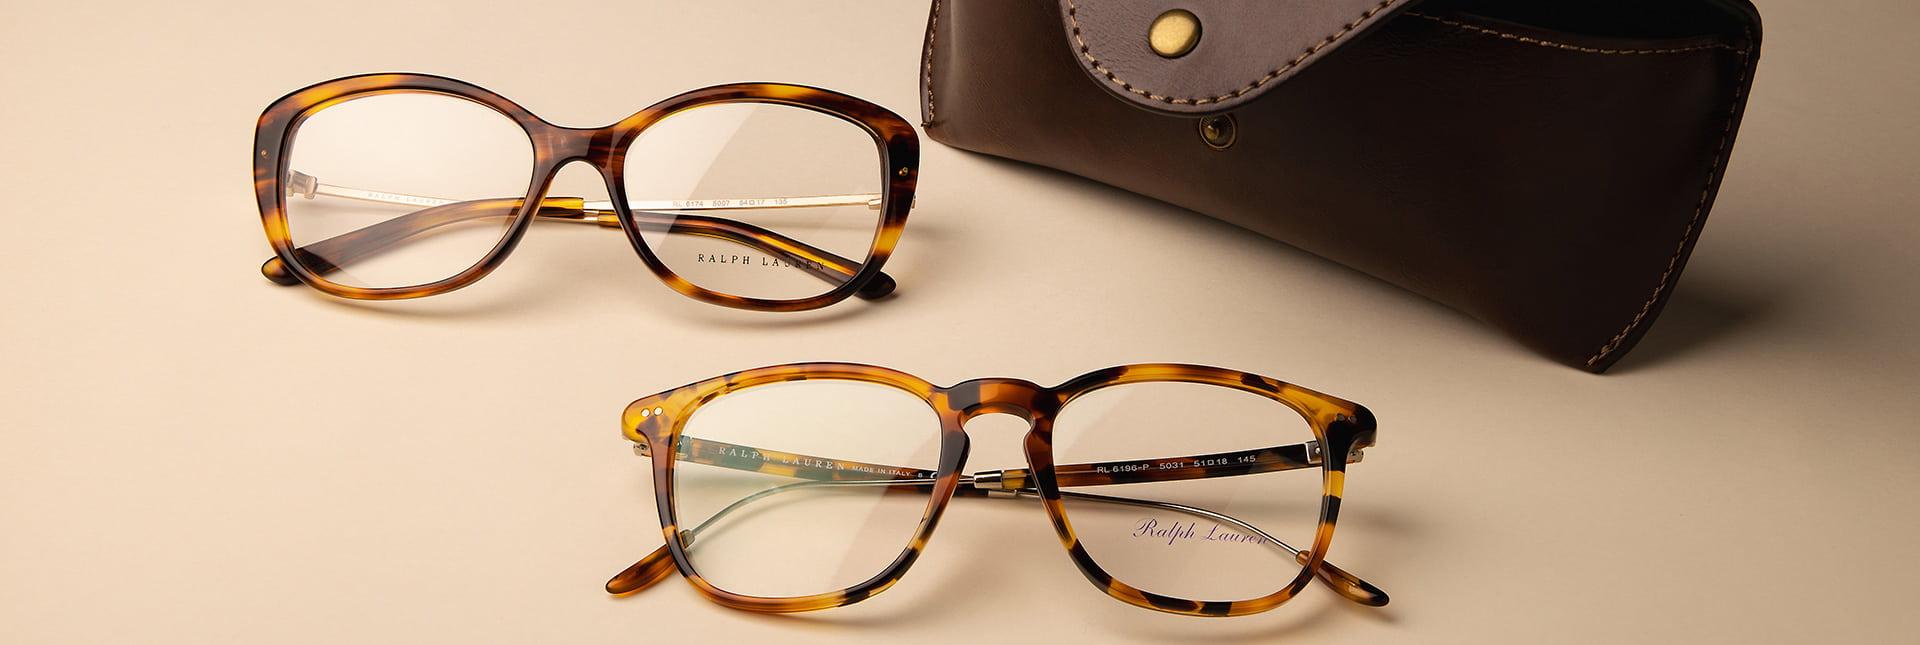 Ralph Lauren® Eyeglasses